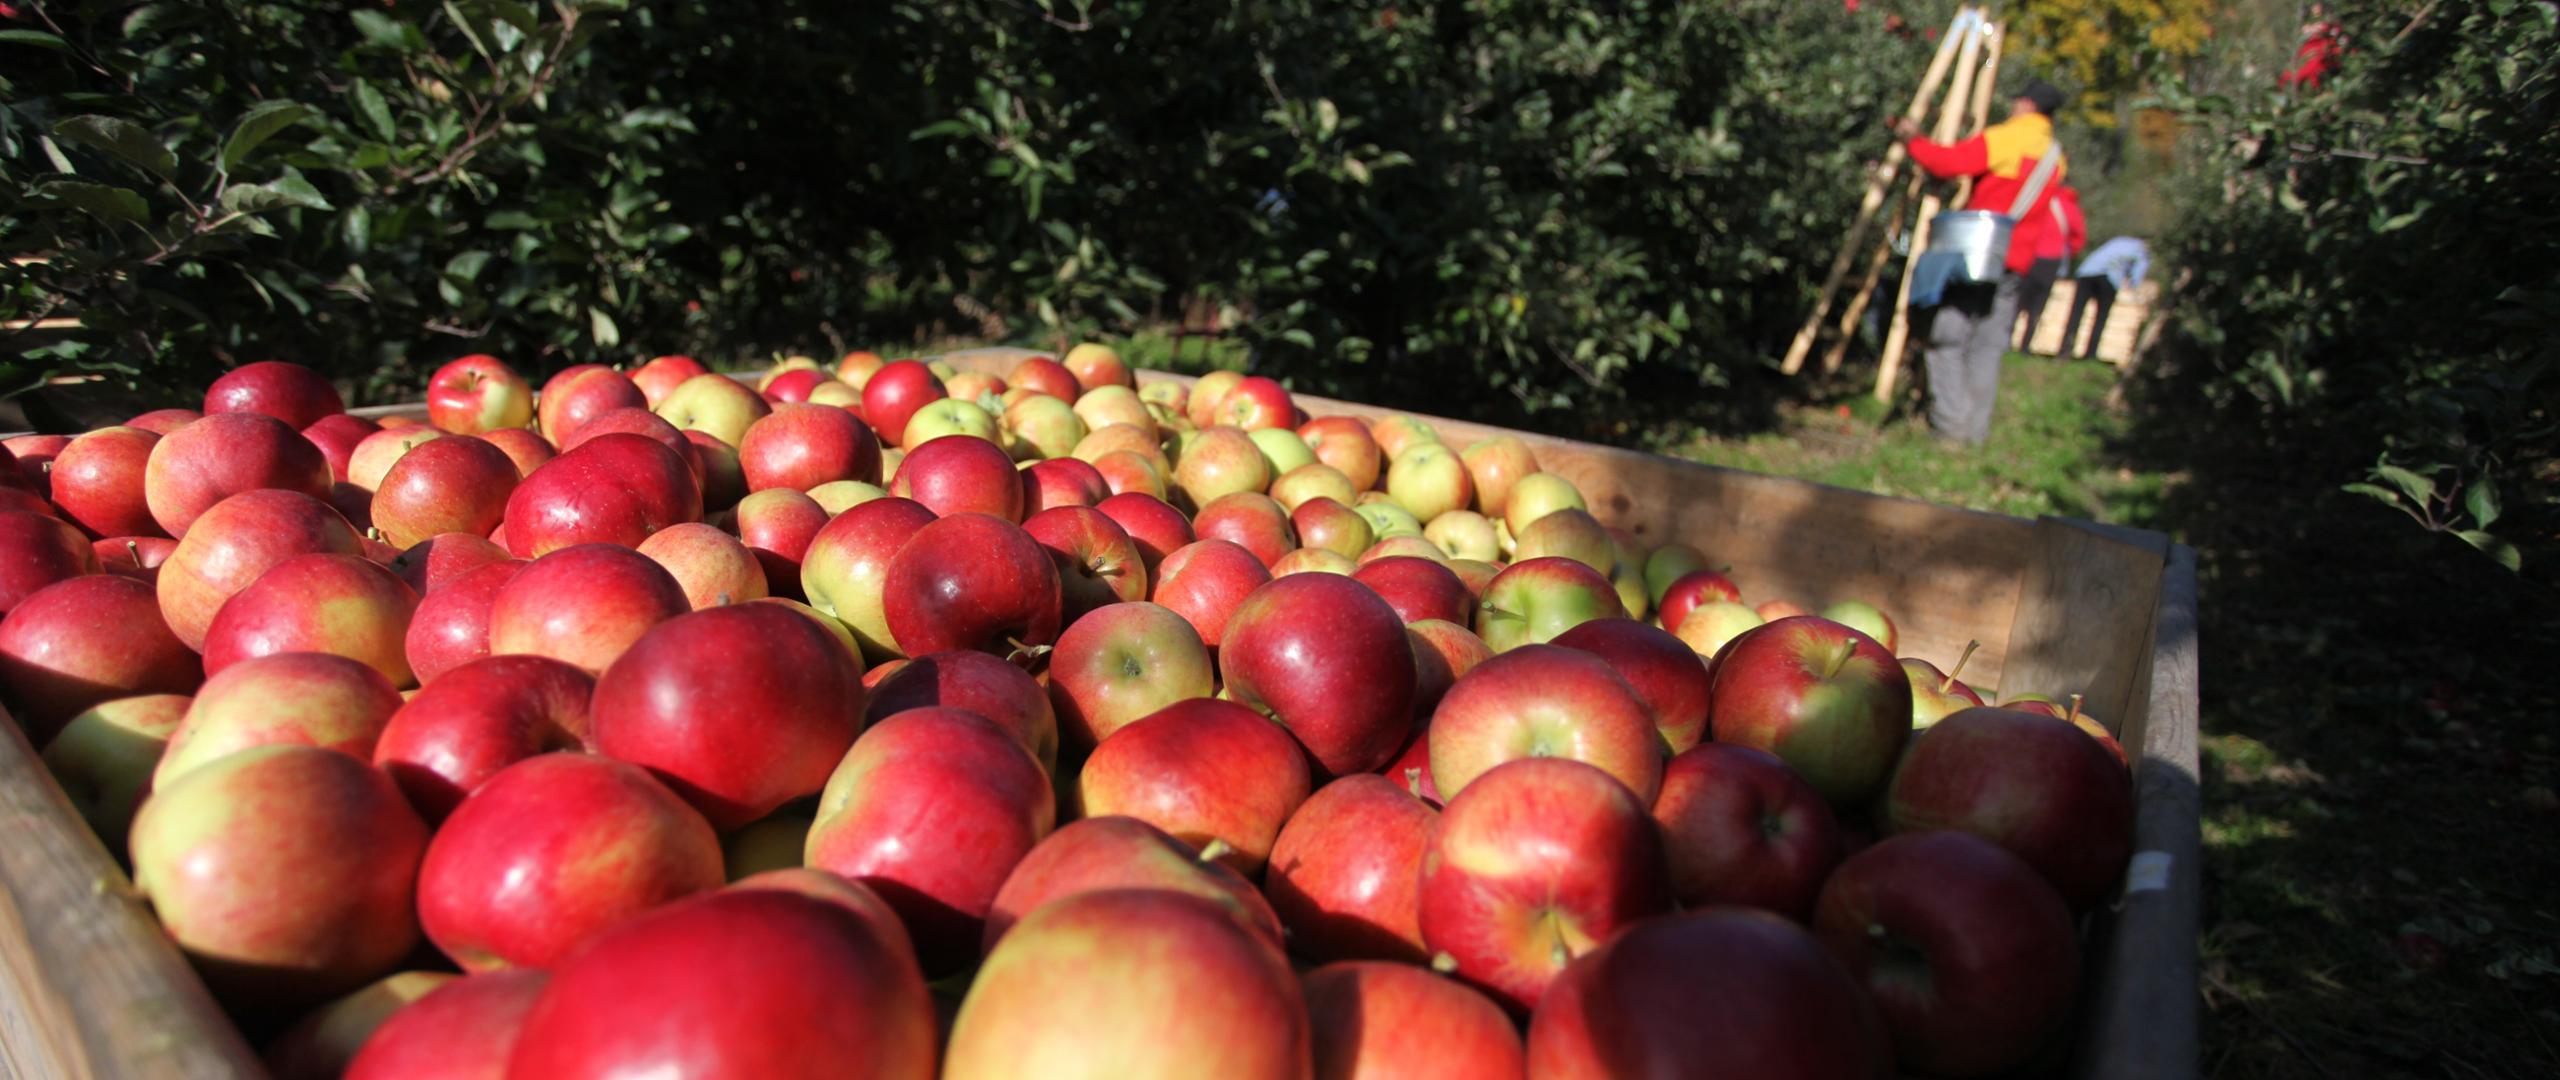 Tajlandia nowym kierunkiem eksportu polskich jabłek